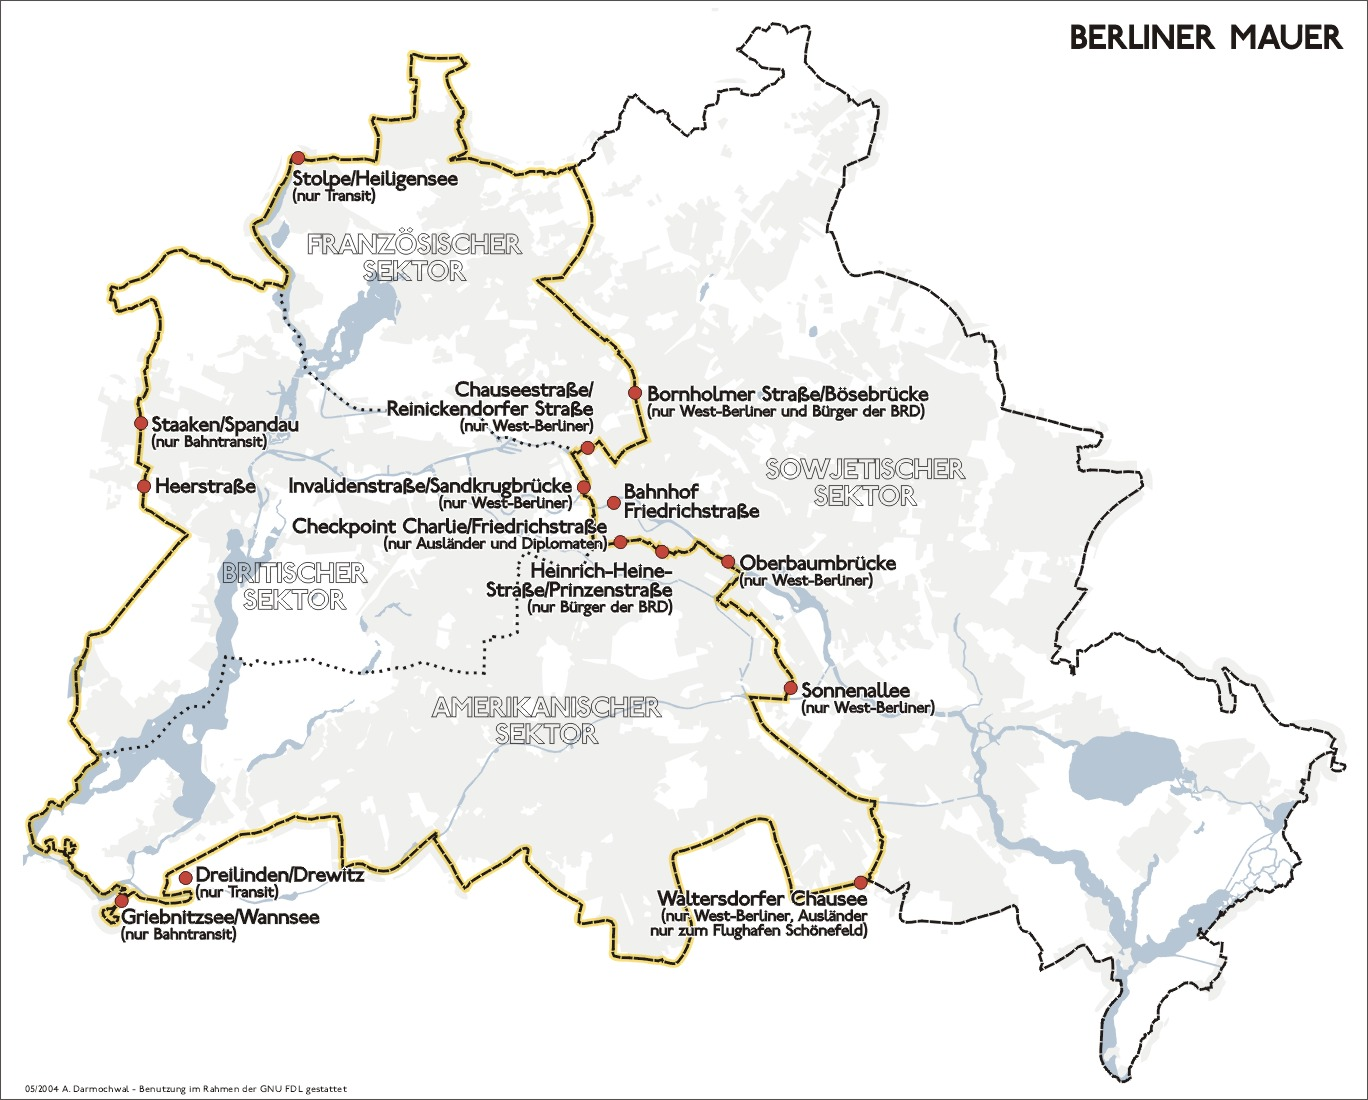 Obr. 5: Berlínská zeď s vyznačenými přechody podle občanství a účelu. Zdroj: http://commons.wikimedia.org/wiki/File:Karte_berliner_mauer_de.jpg